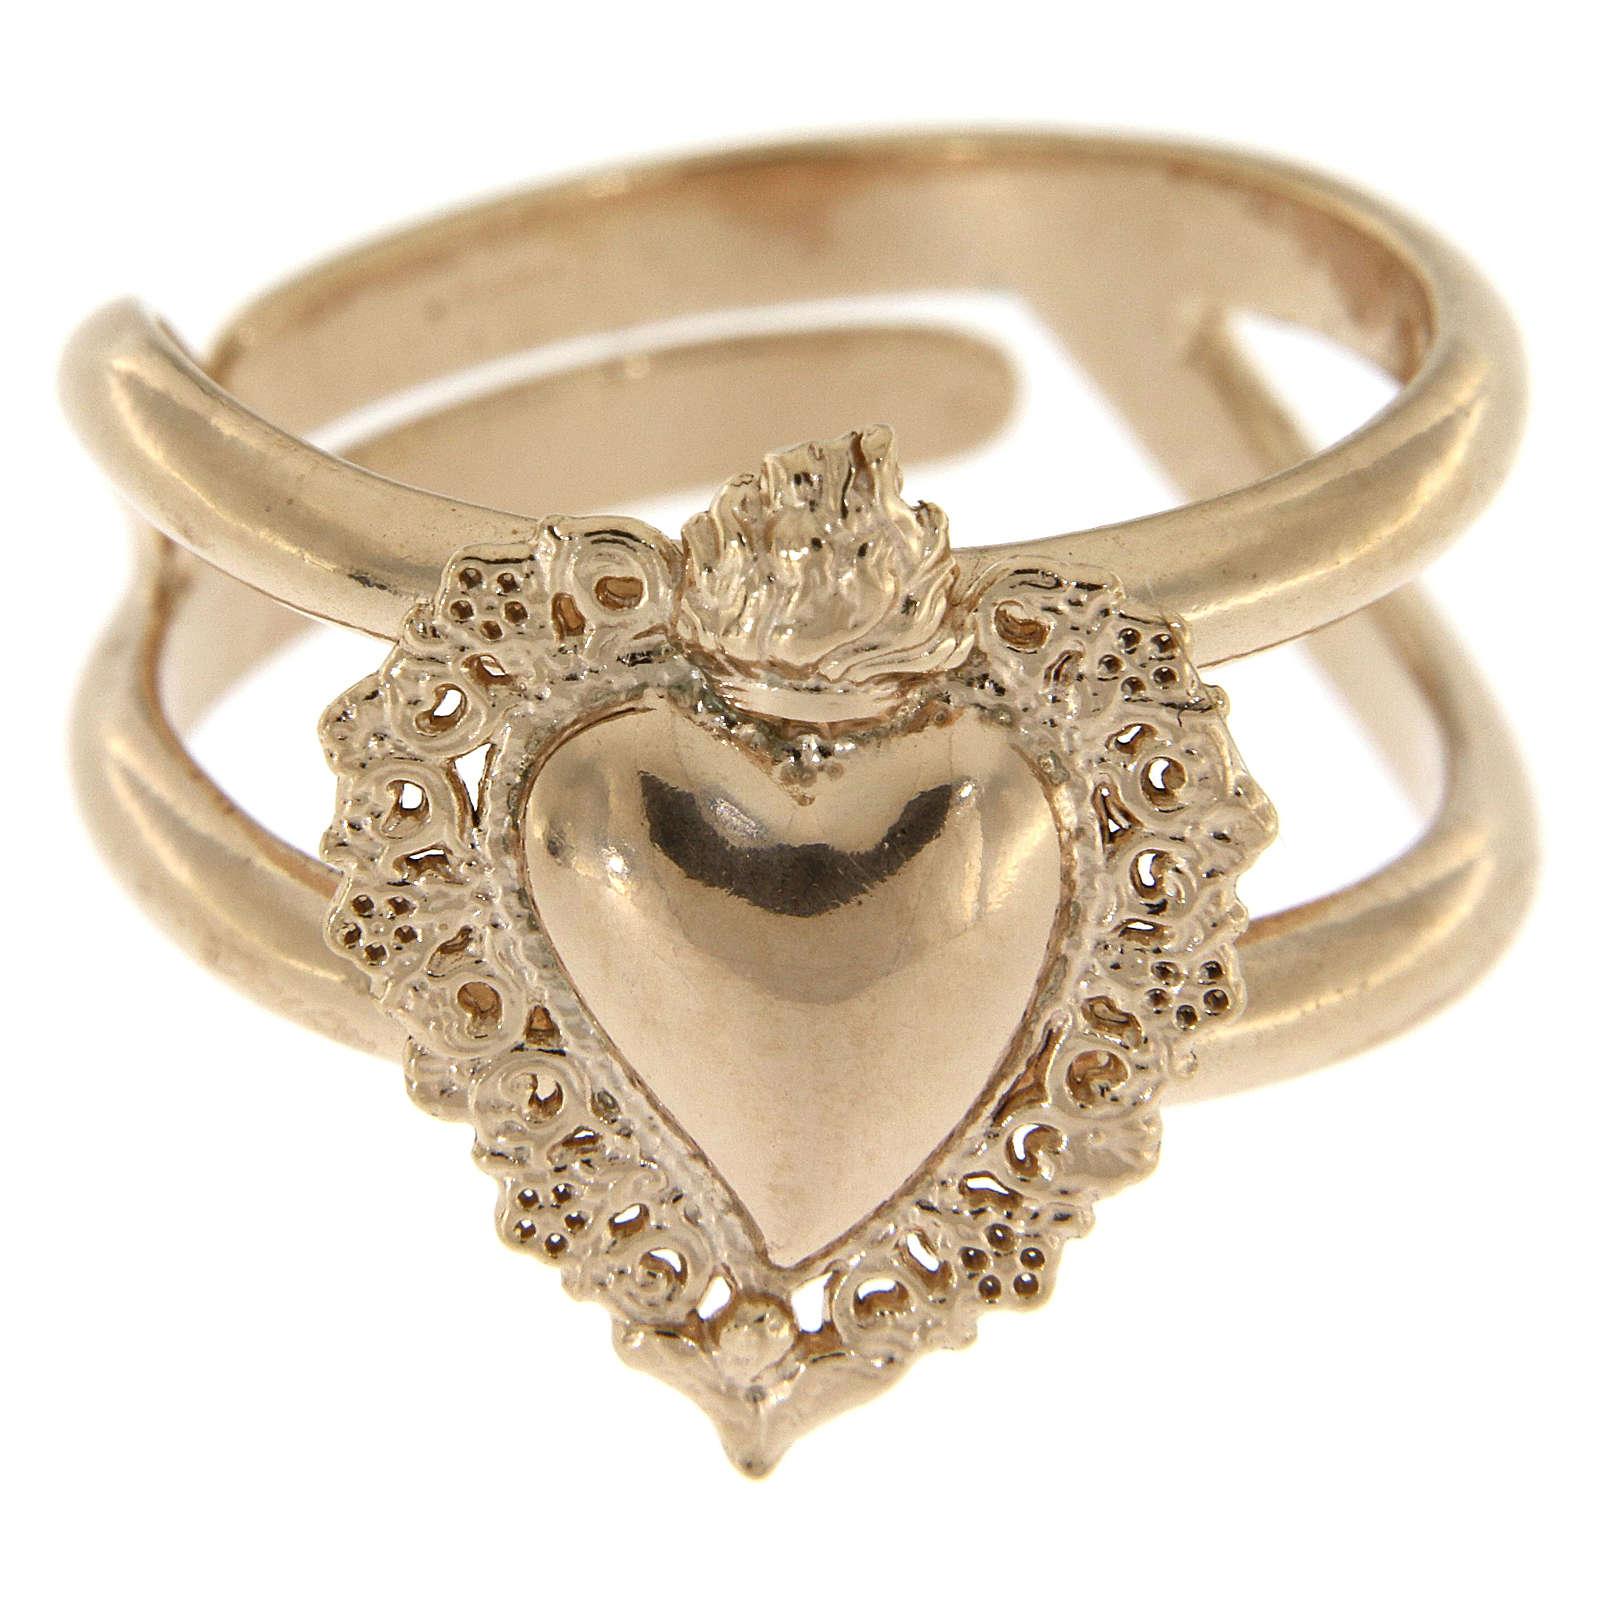 Anillo ajustable rosado con corazón votivo vacío de plata 925 3